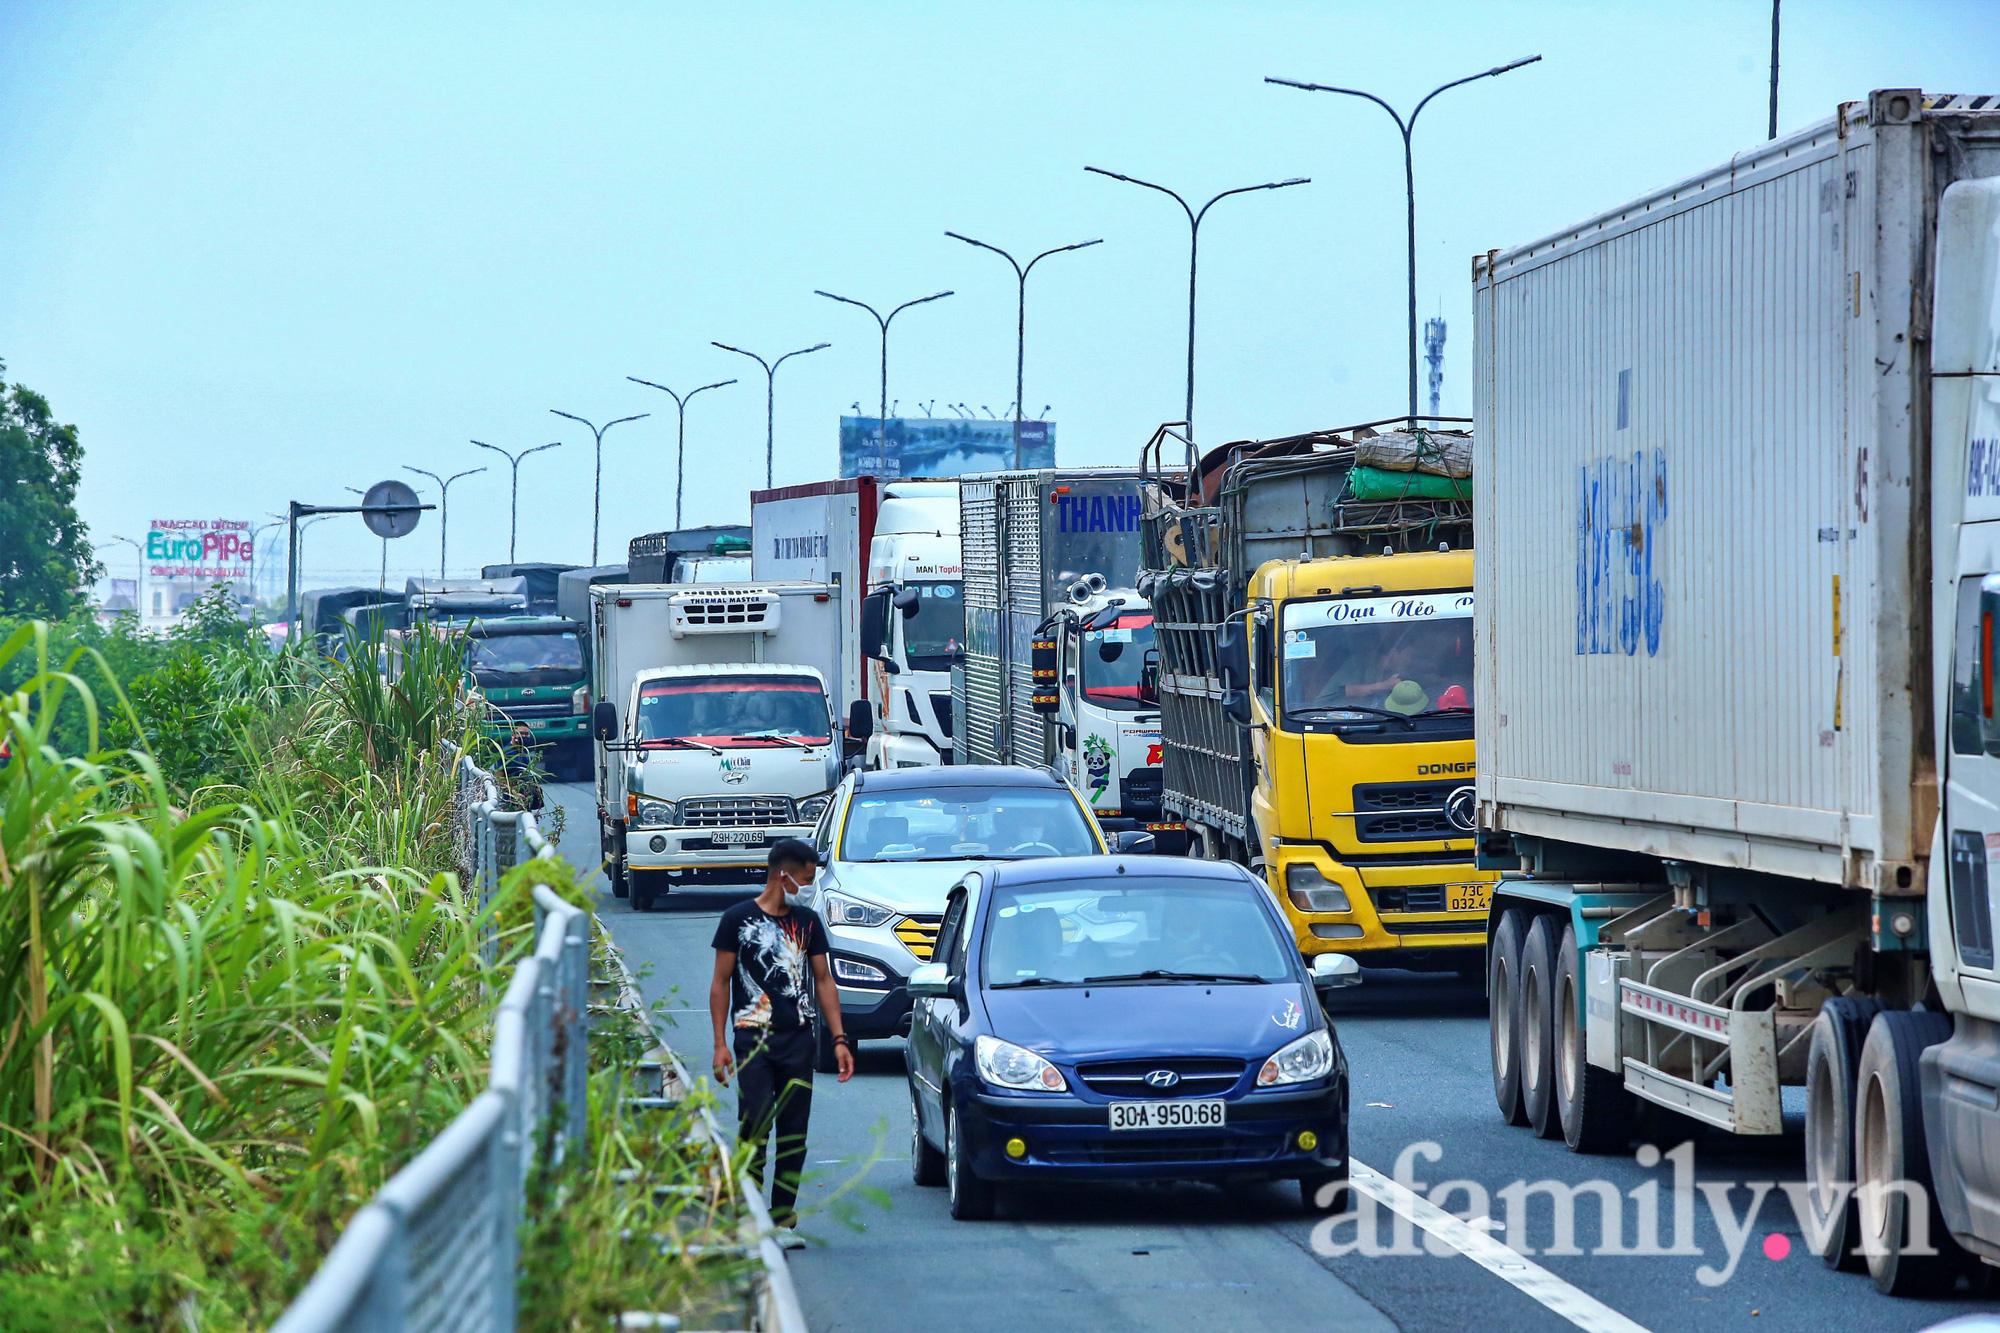 Chốt kiểm dịch Pháp Vân - Cầu Giẽ ùn xe gần chục cây số, nhiều tài xế thiếu giấy xét nghiệm - Ảnh 7.